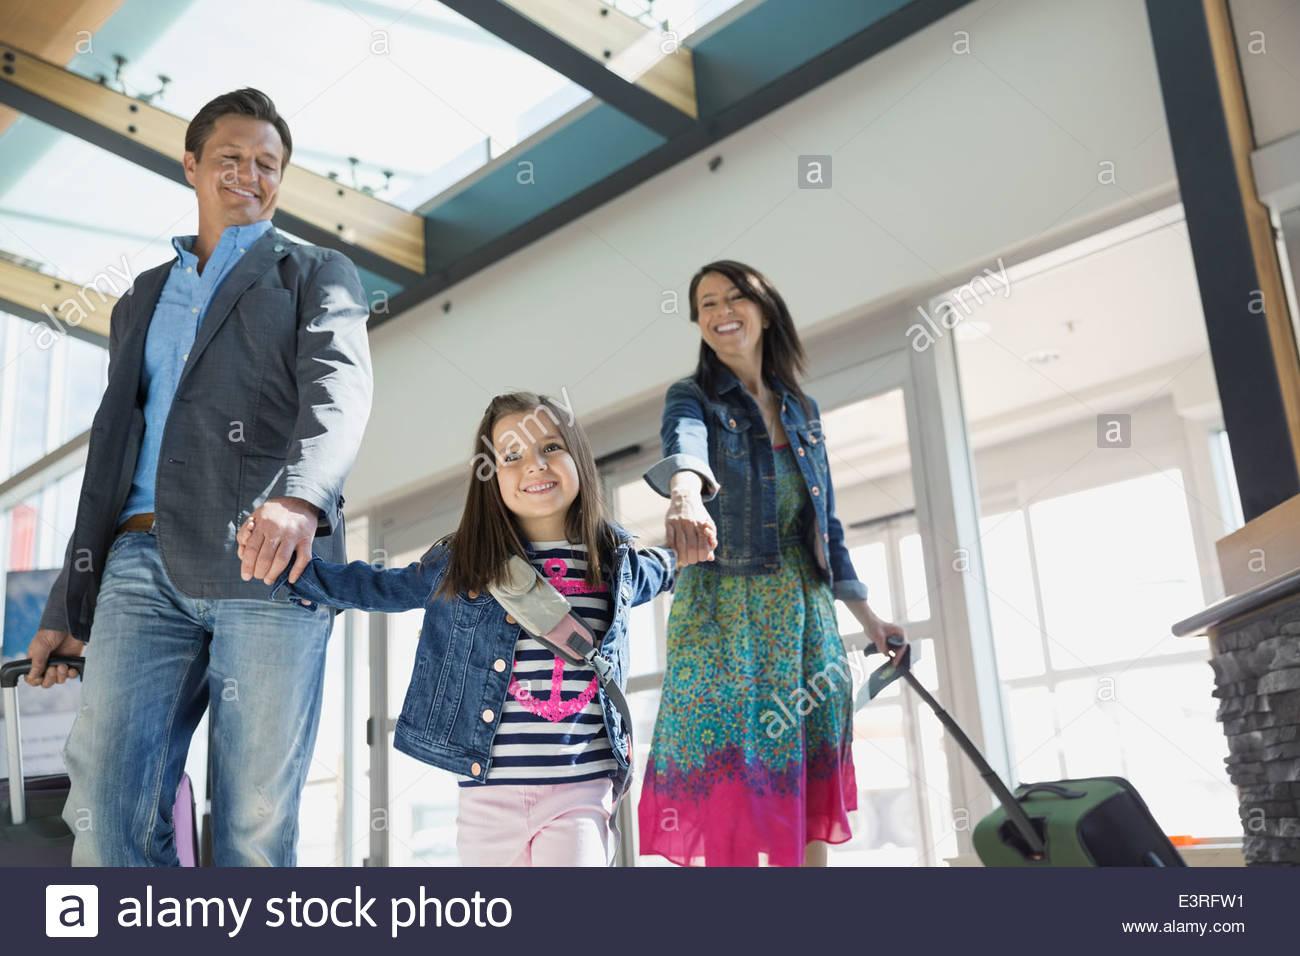 Hija de padres líderes en el aeropuerto Imagen De Stock